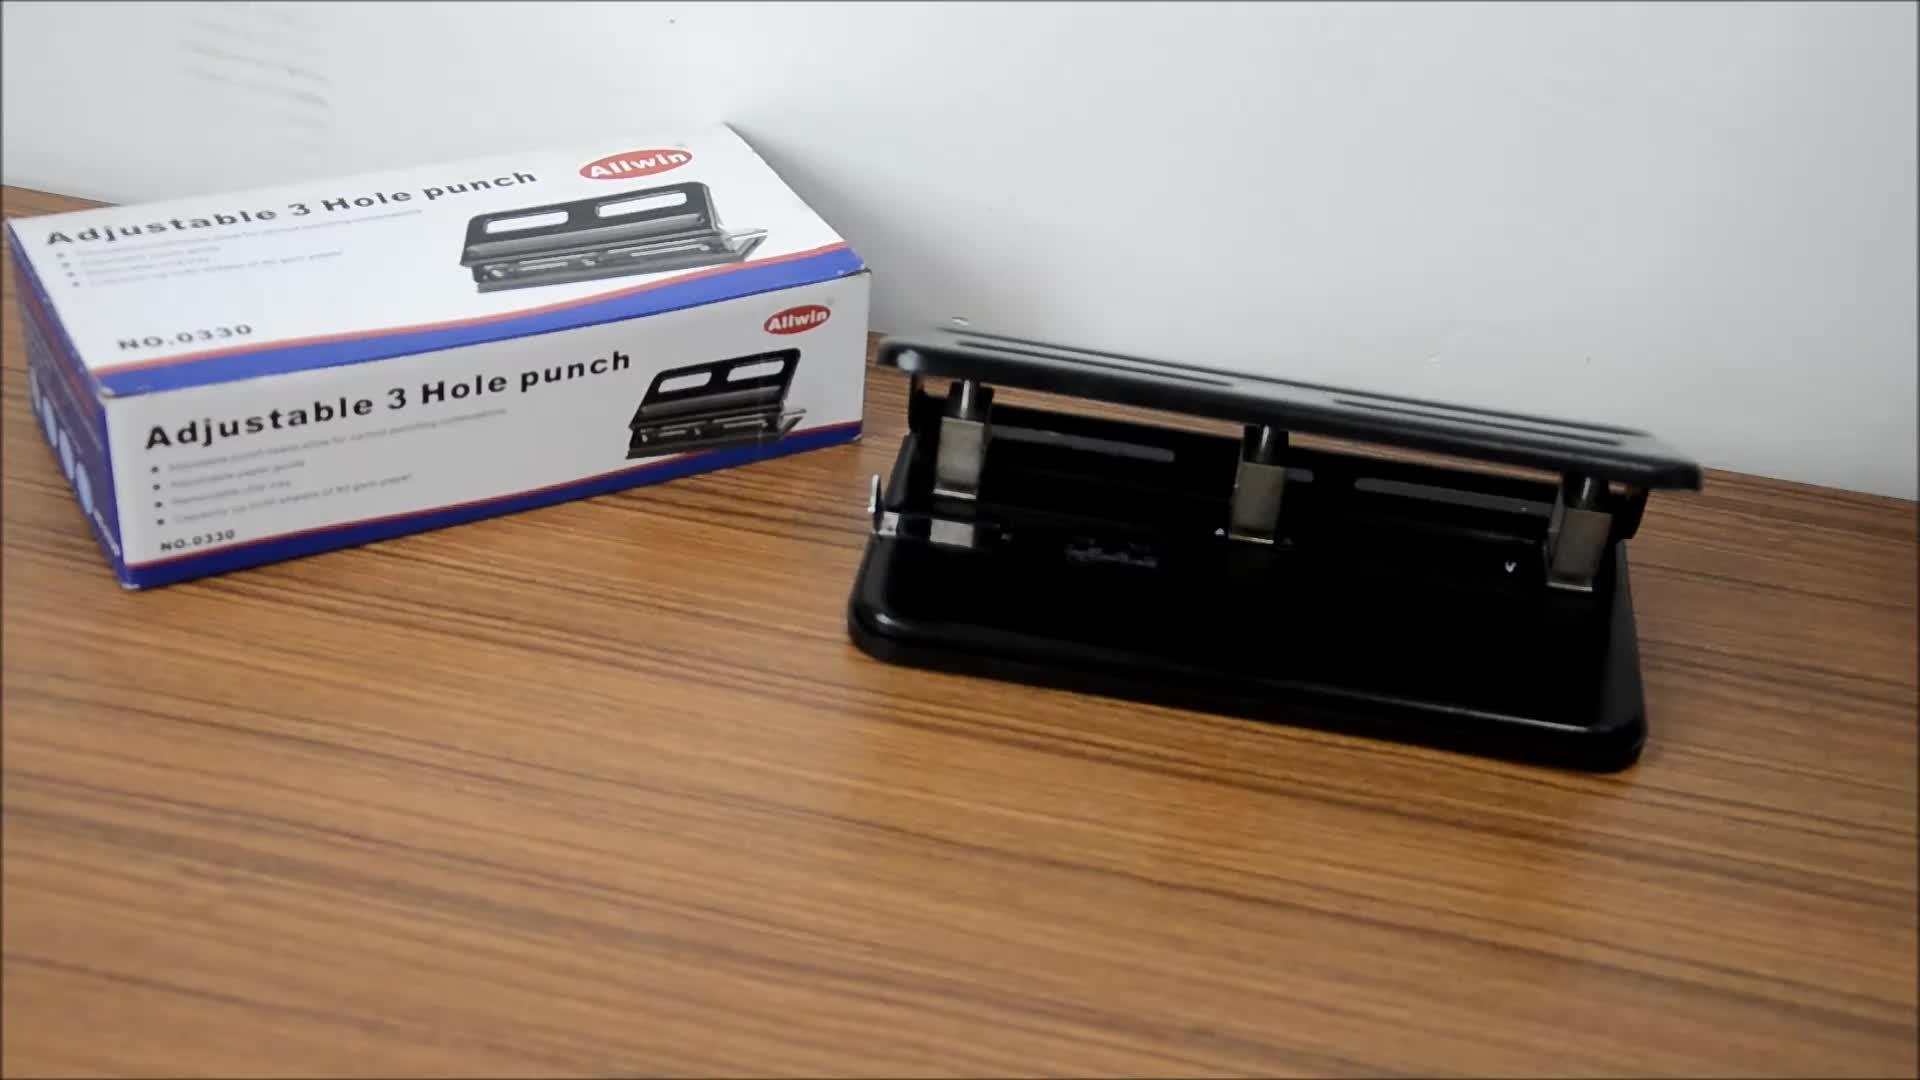 Di alta qualità regolabile a tre ufficio foro pugno pugno di carta macchina foro di carta puncher